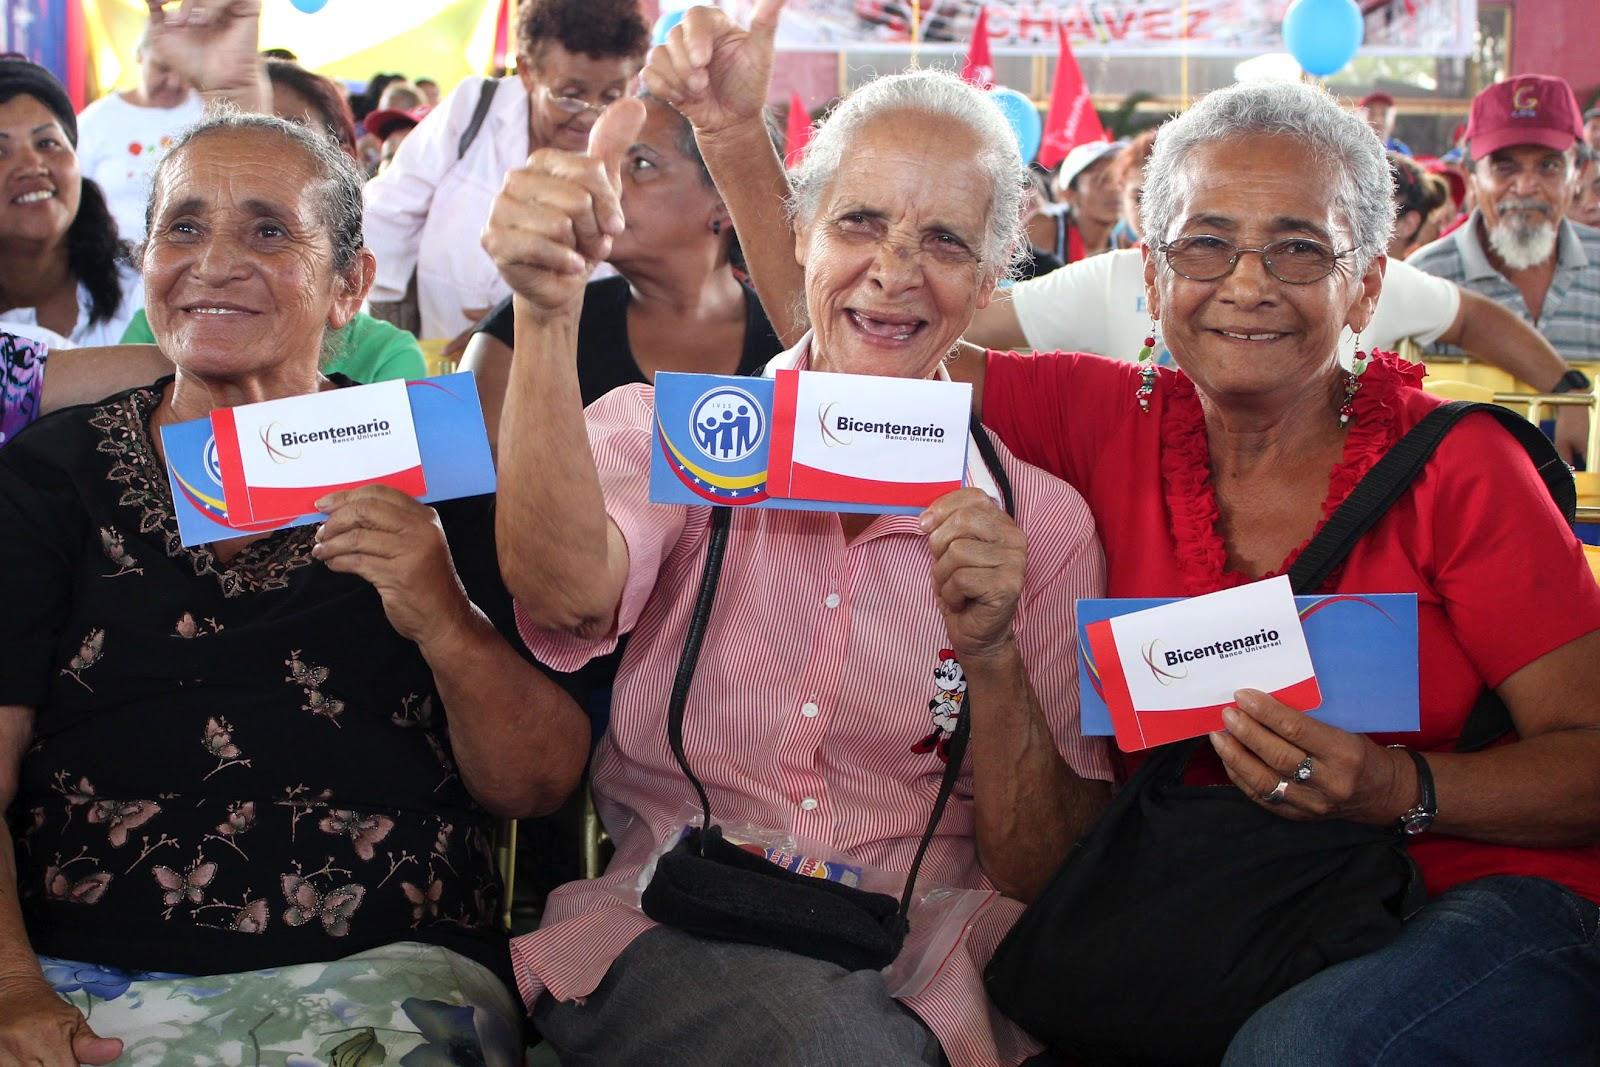 Resultado de imagen para 200 mil nuevos pensionados diciembre 2017